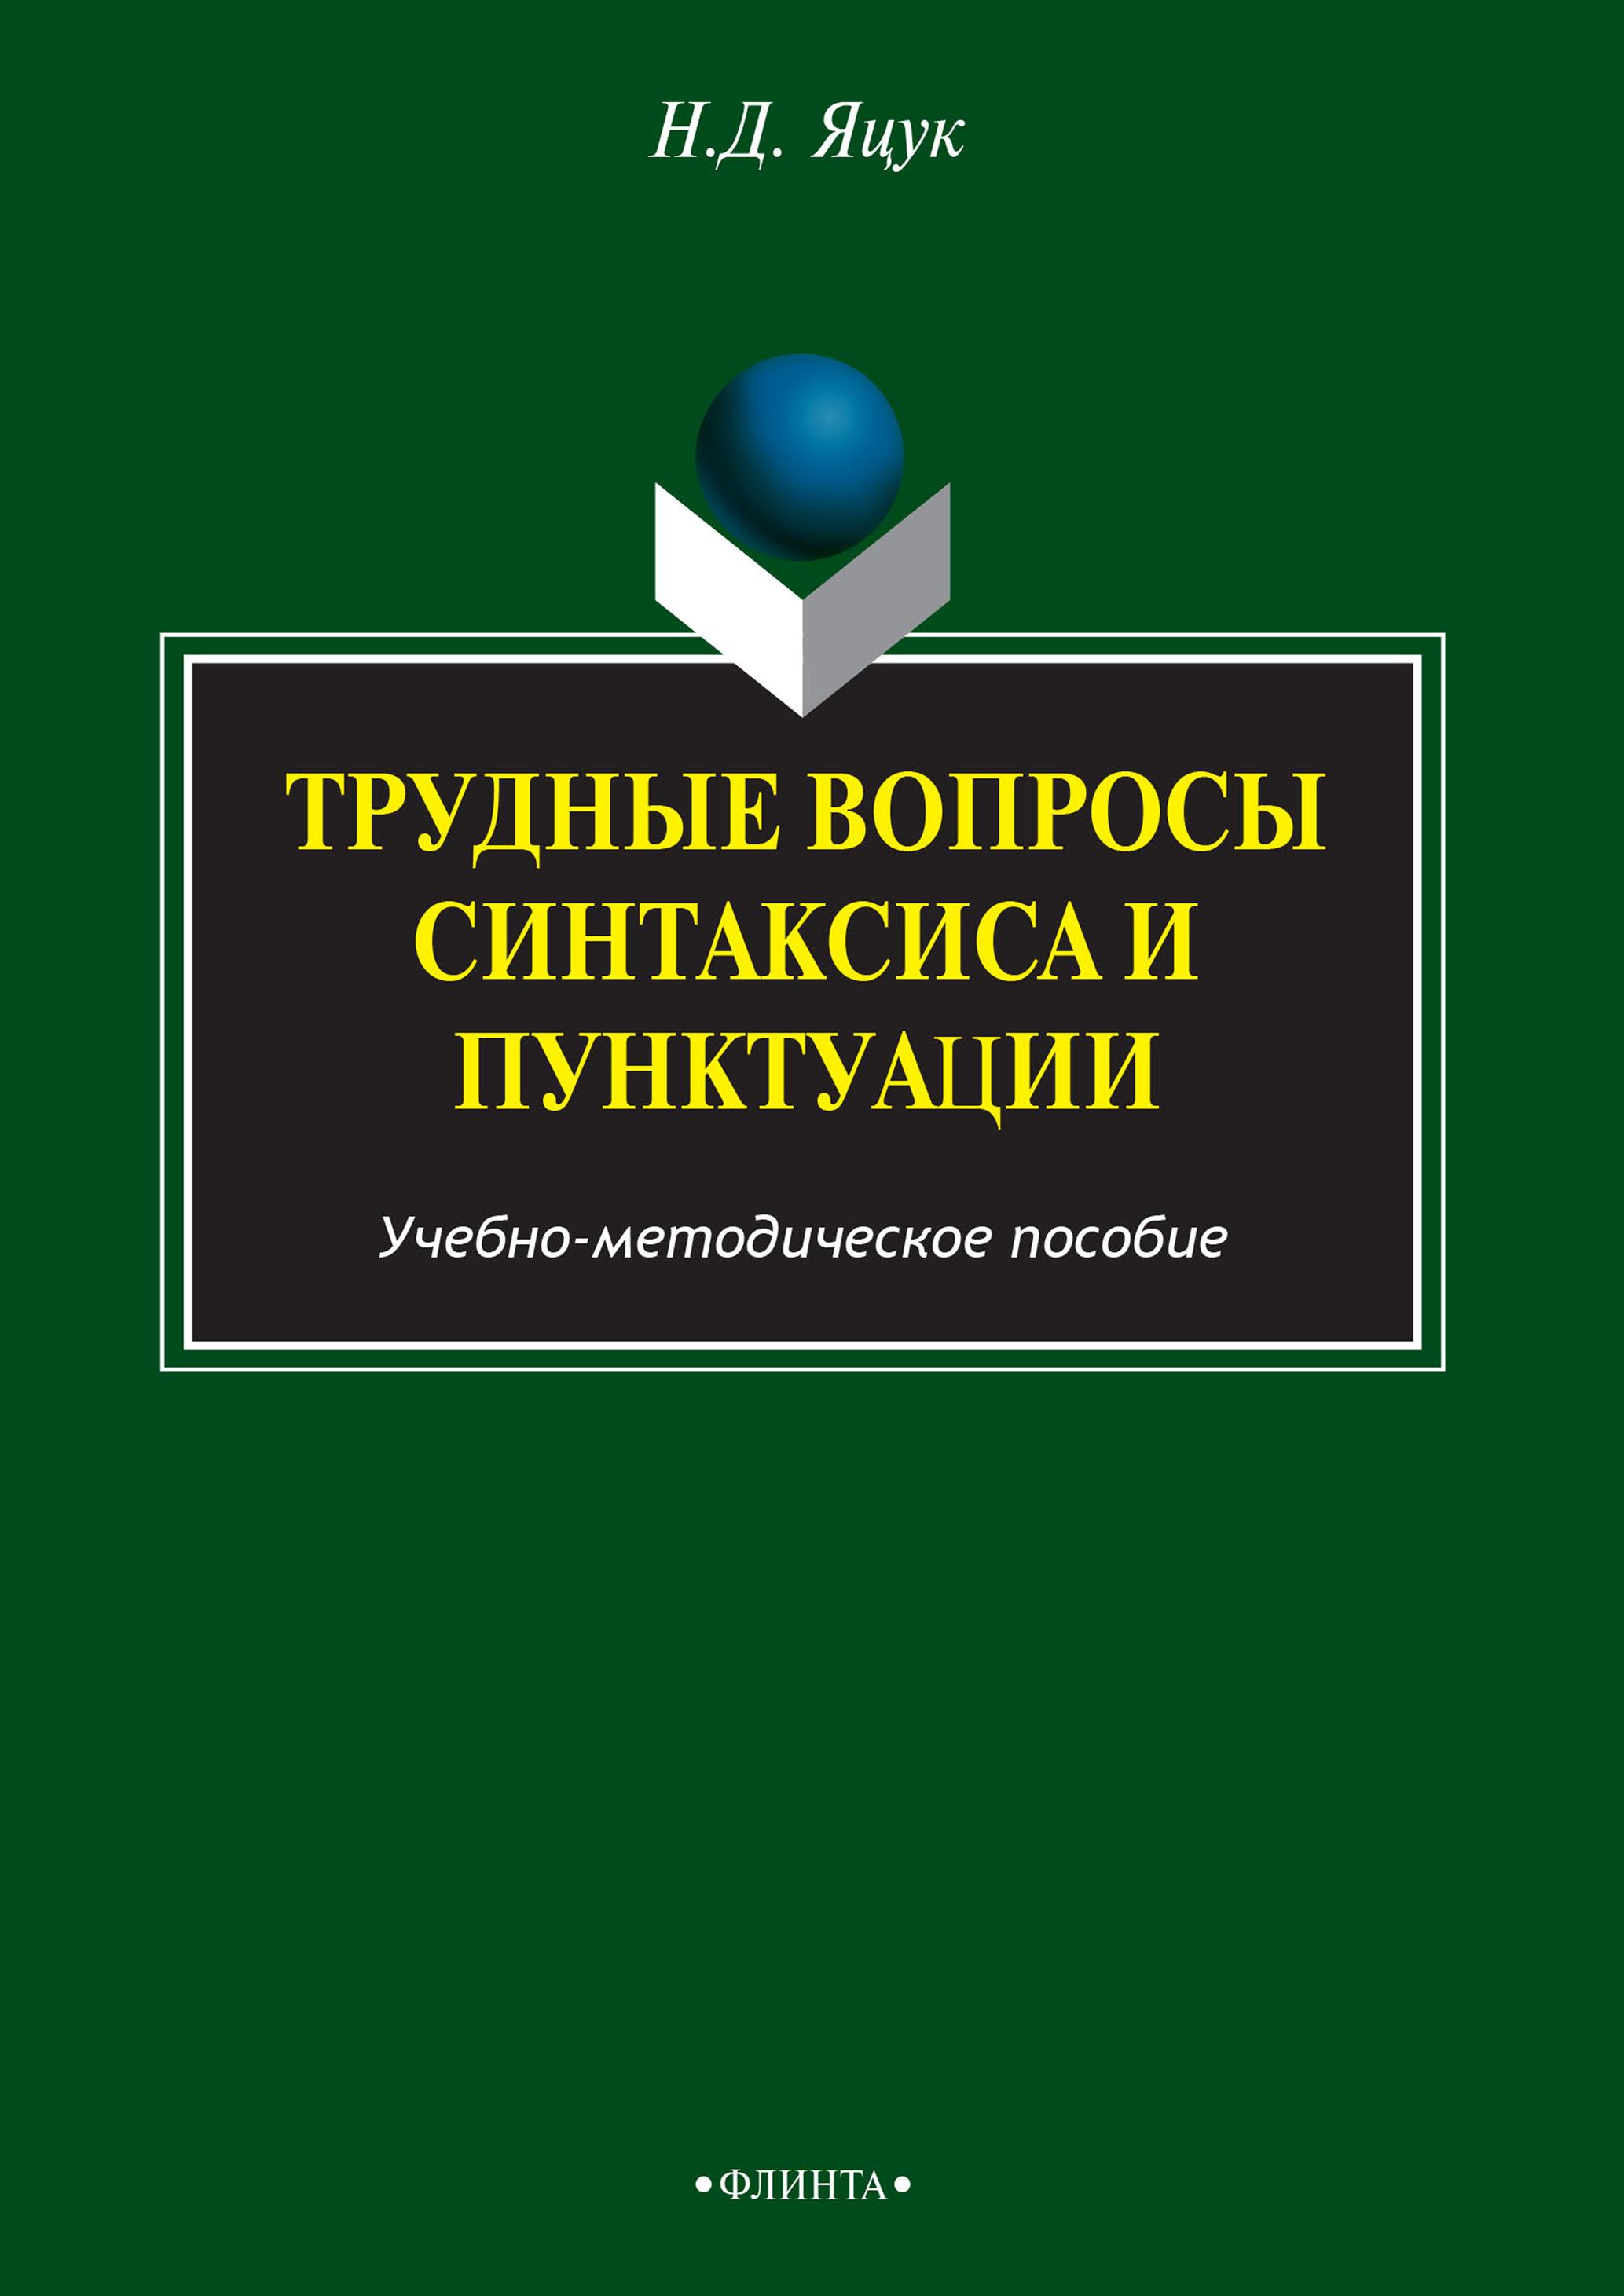 Трудные вопросы русского синтаксиса и пунктуации ( Н. Д. Яцук  )